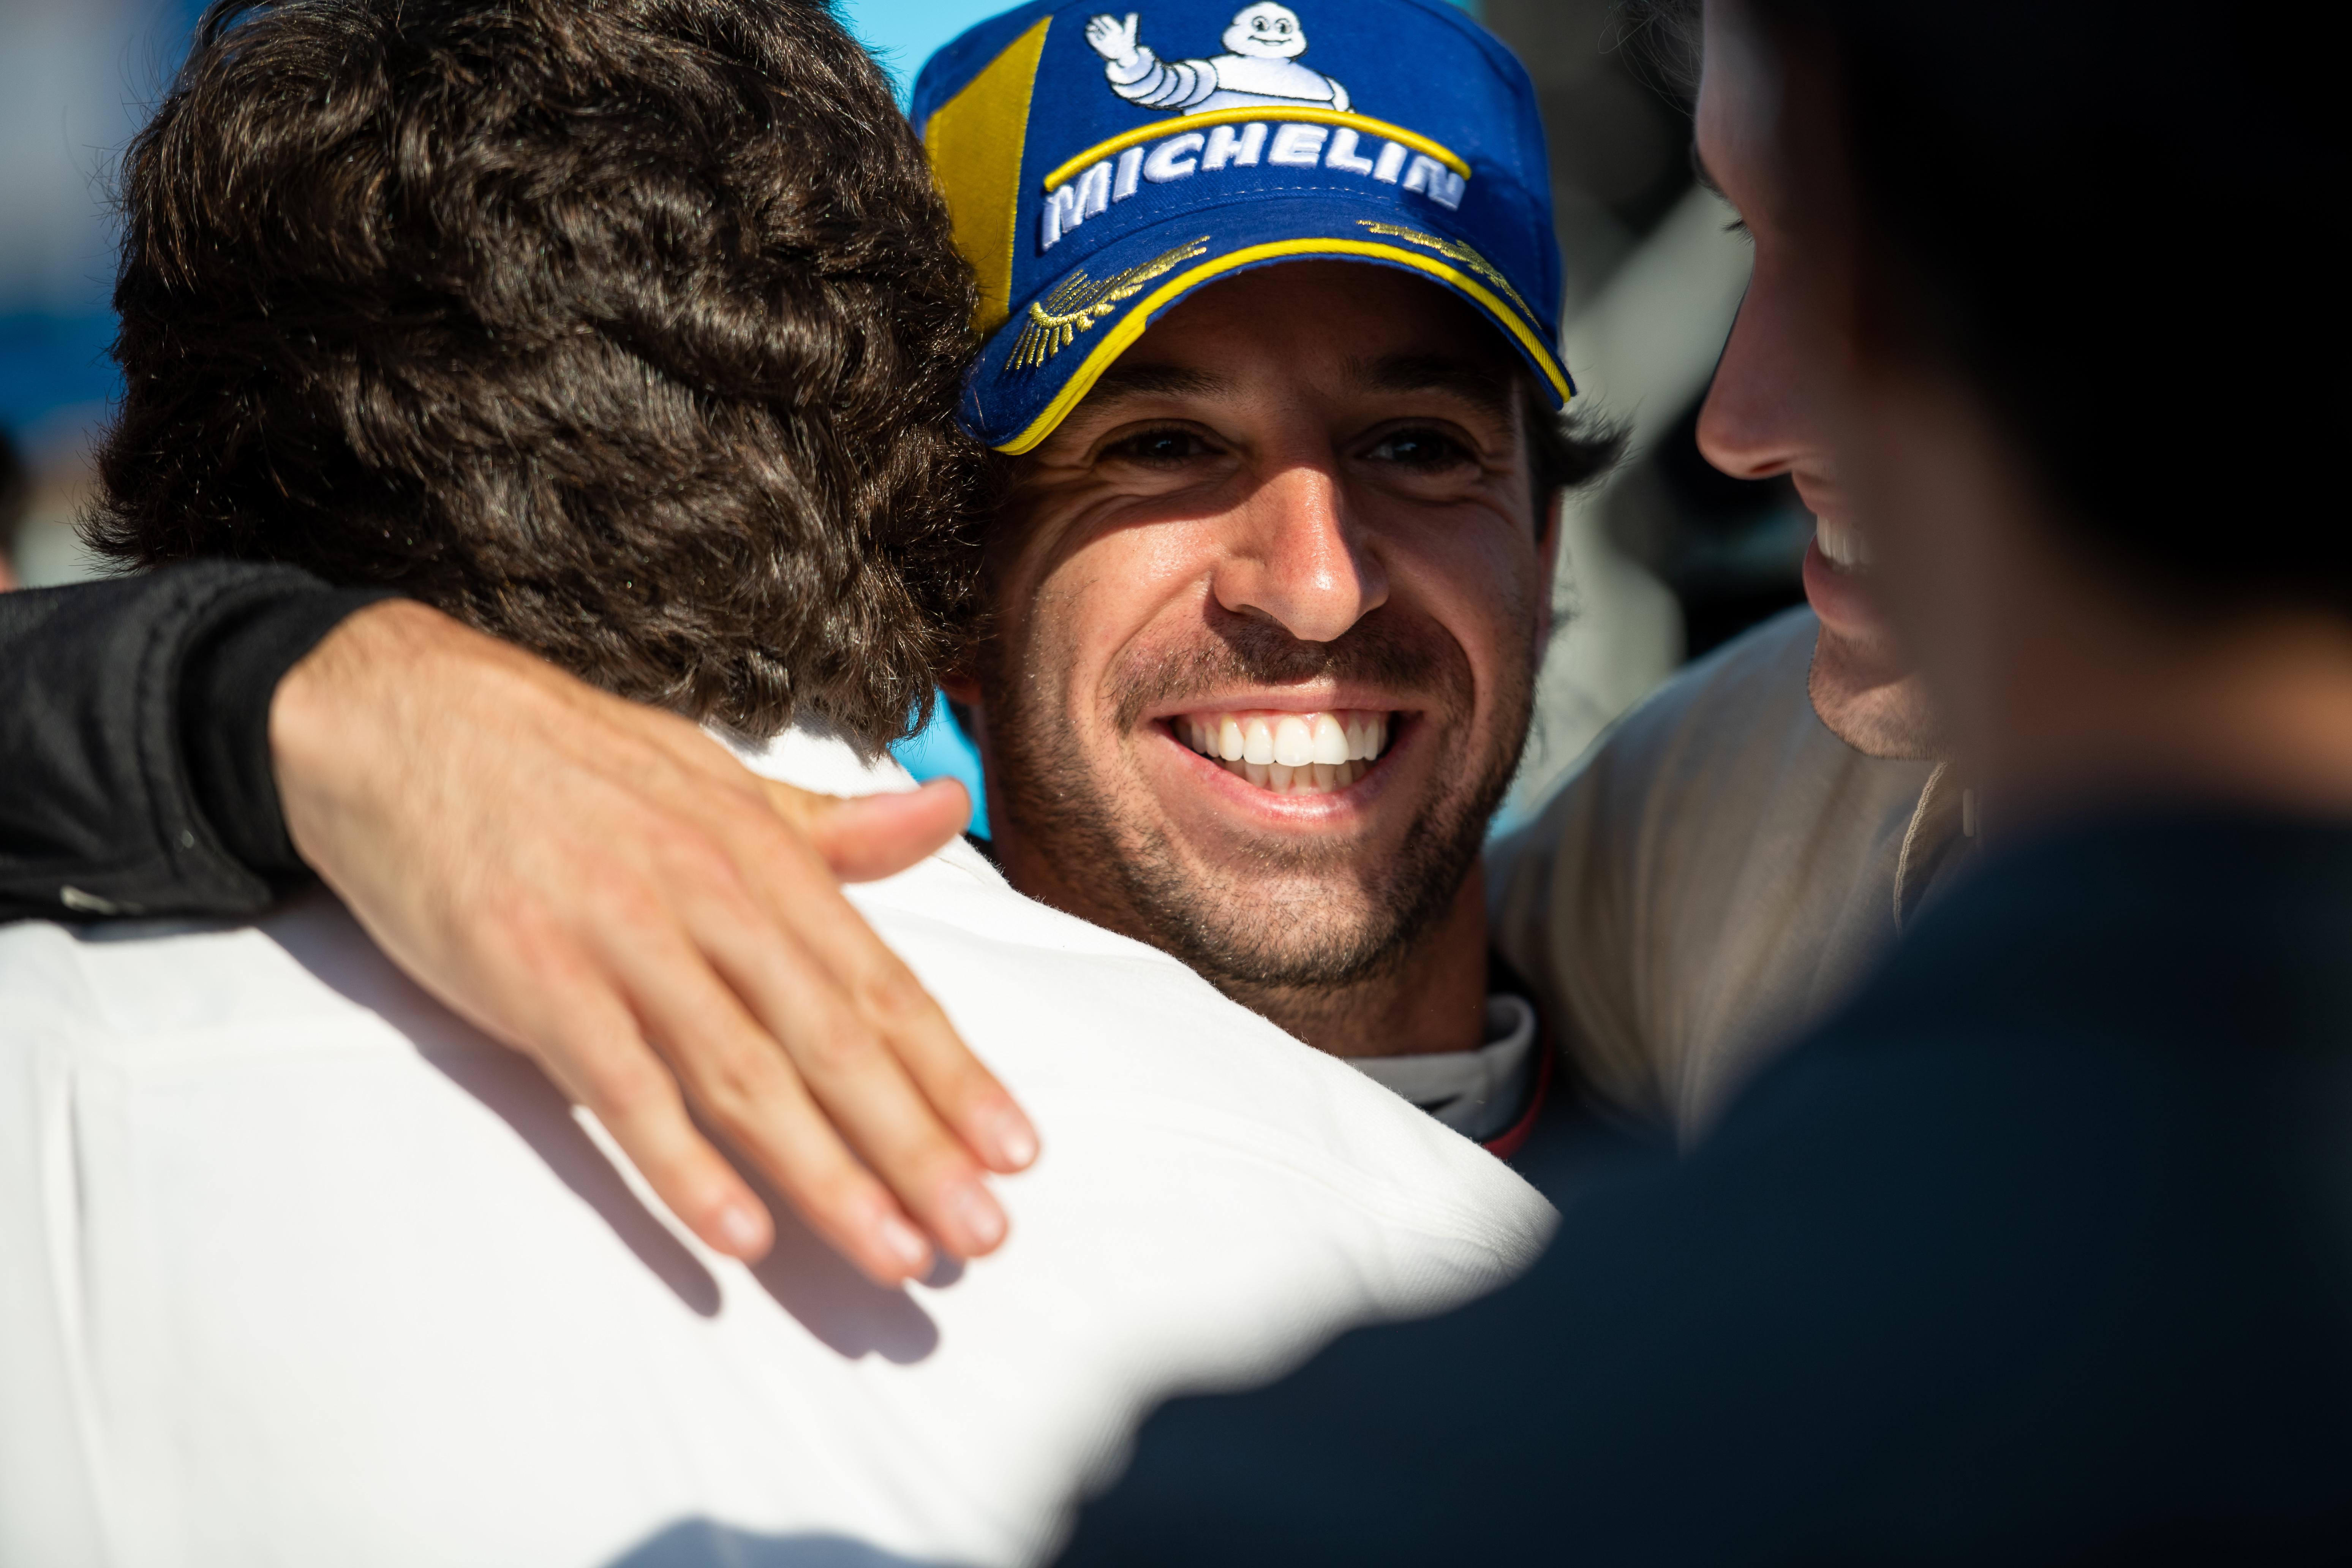 Antonio Felix da Costa DS Techeetah Marrakesh Formula E 2020